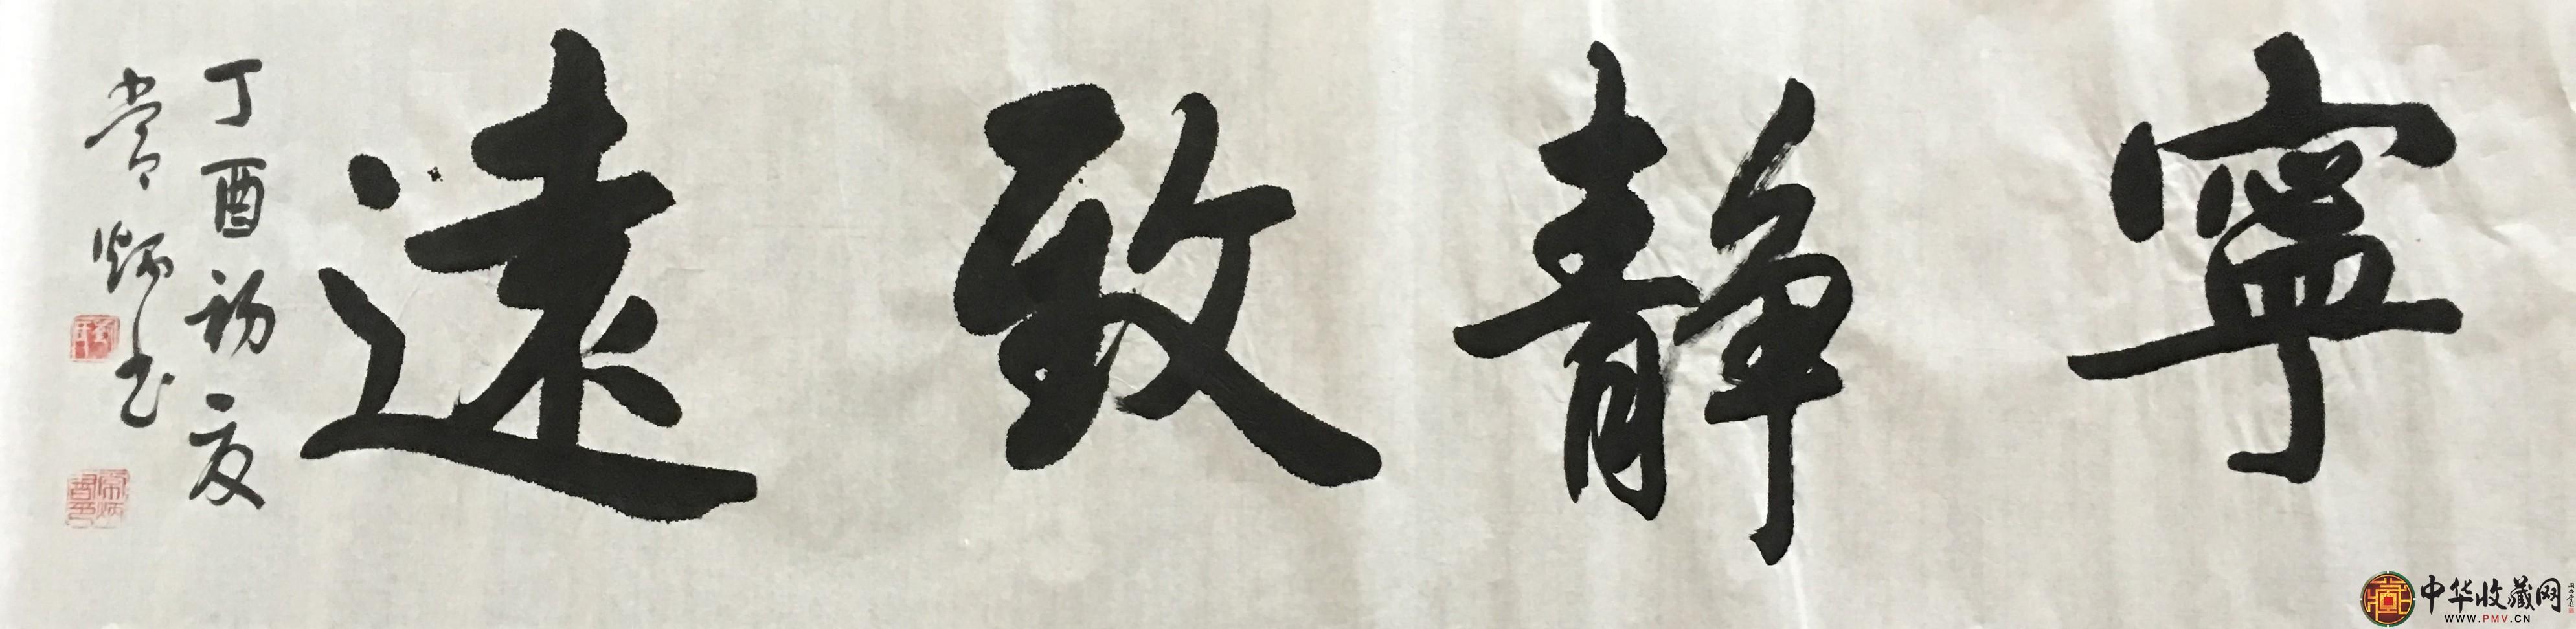 刘常炳四尺横幅书法作品《宁静致远》